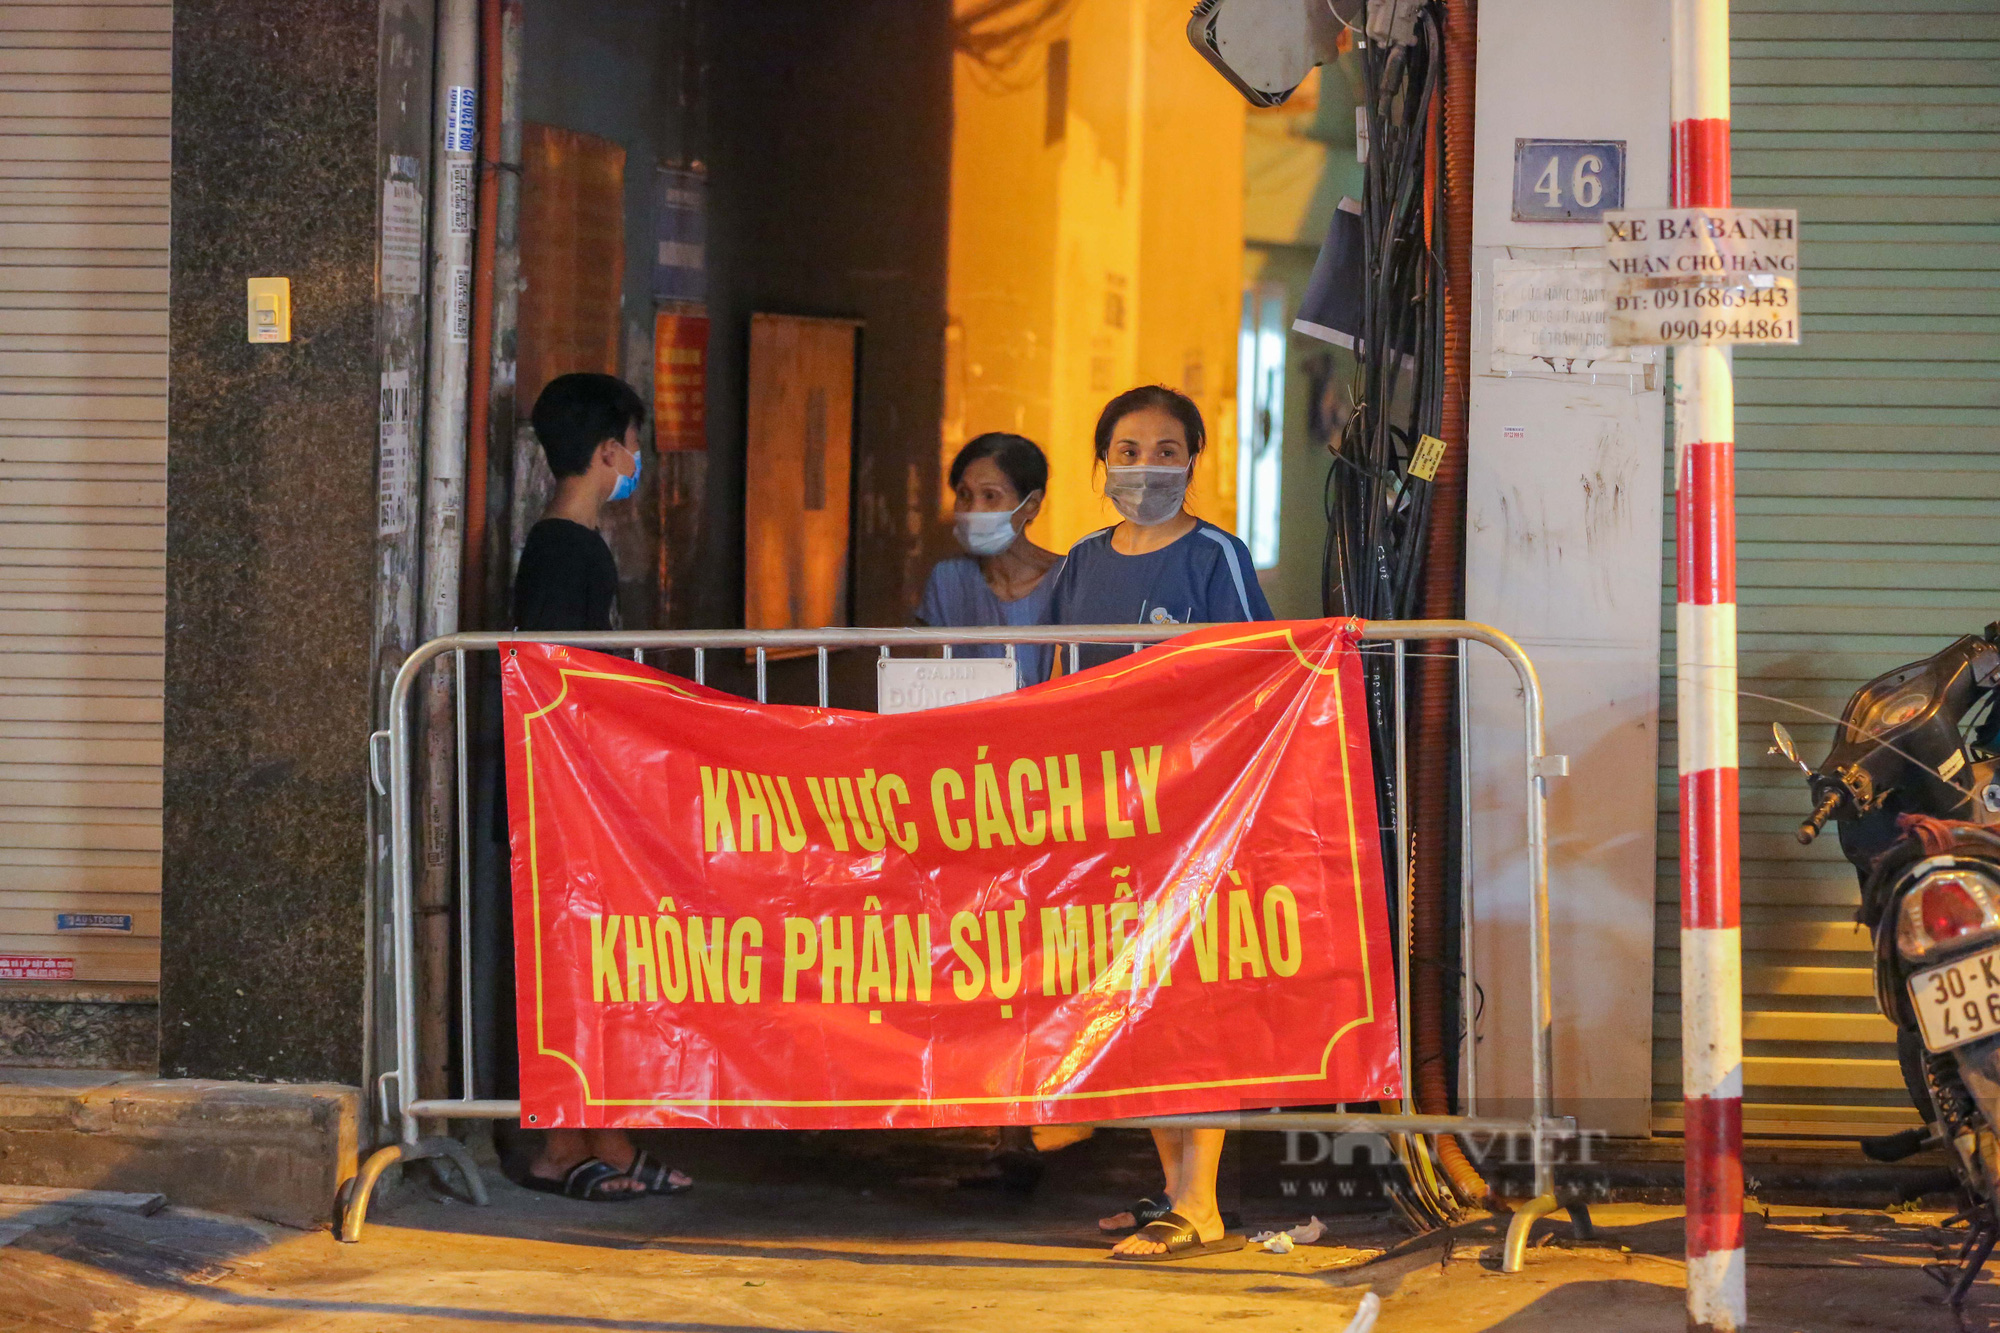 Xuyên đêm xét nghiệm cho hàng chục hộ dân trên phố Thuỵ Khuê - Ảnh 3.